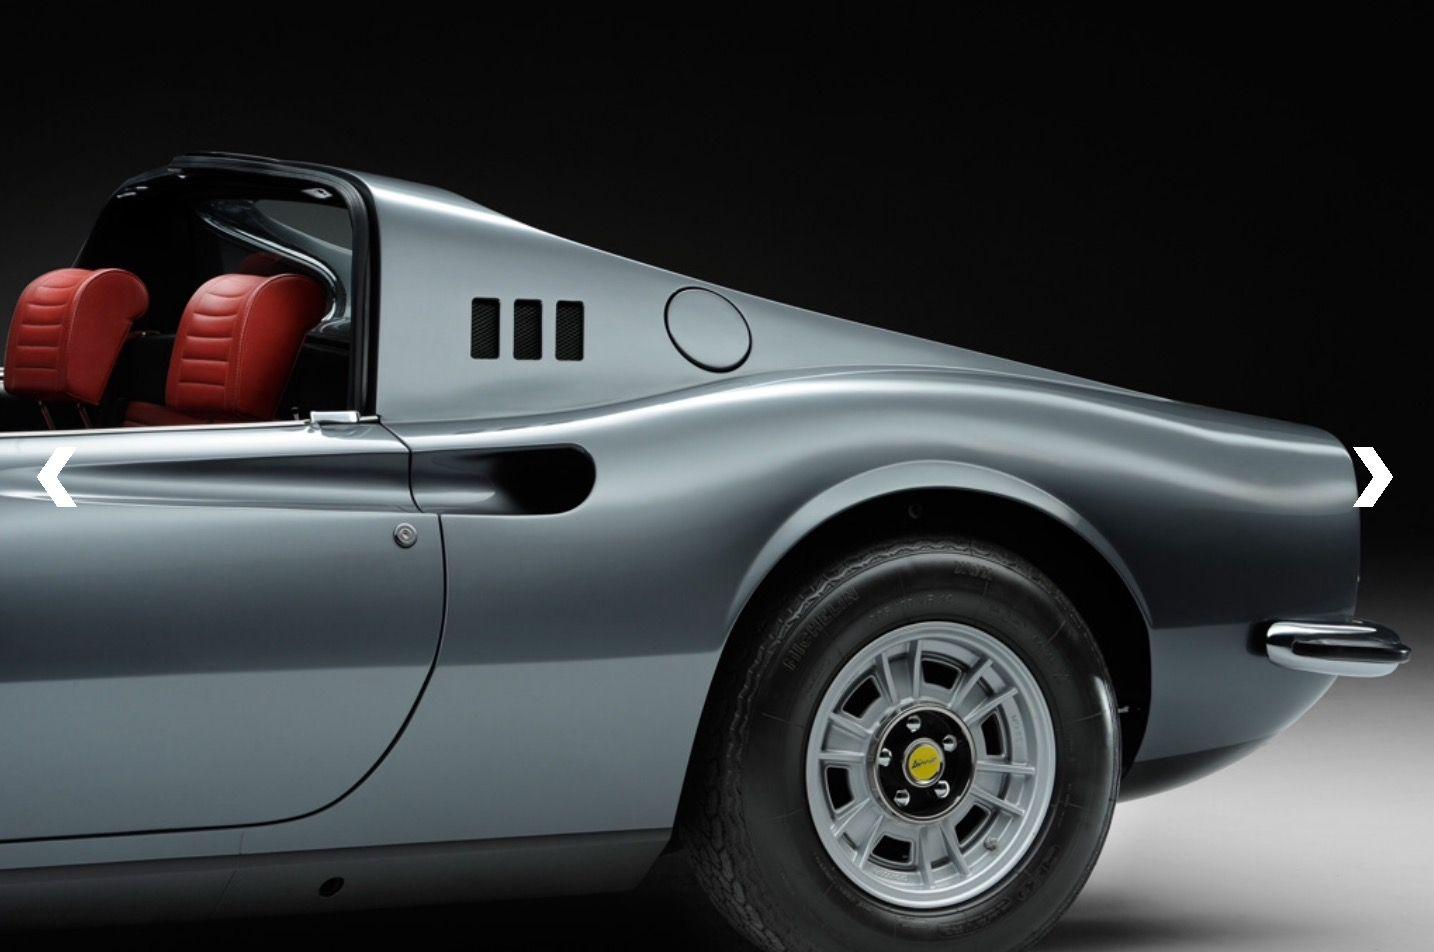 Dino 246 Gts Ferrari For Sale Ferrari Retro Cars